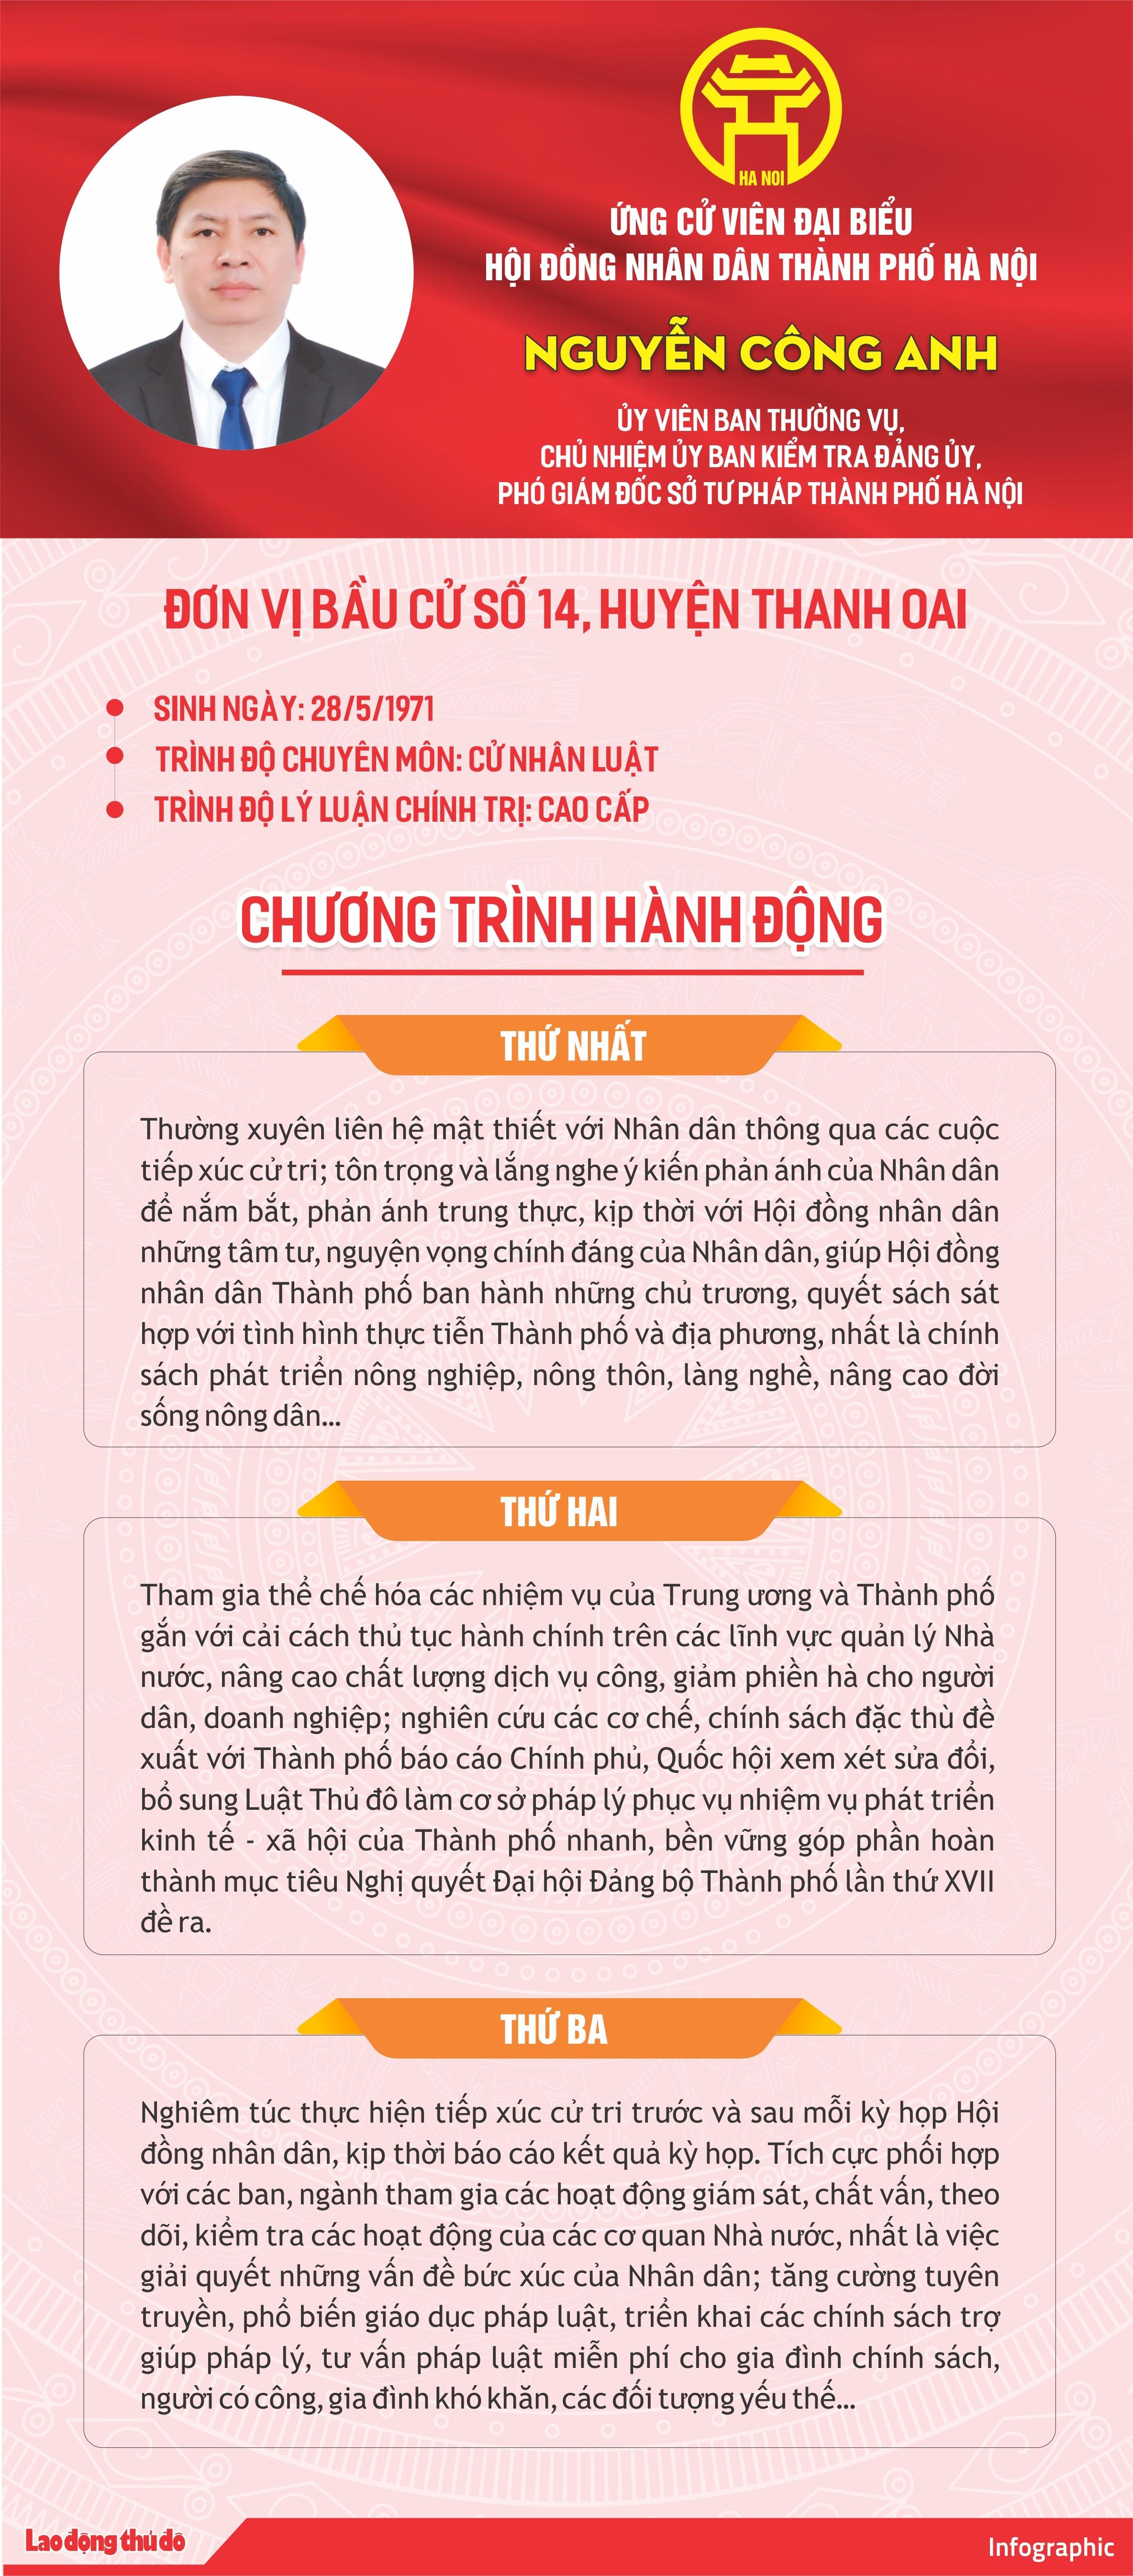 Chương trình hành động của Phó Giám đốc Sở Tư pháp Hà Nội Nguyễn Công Anh, ứng cử viên đại biểu HĐND thành phố Hà Nội nhiệm kỳ 2021-2026